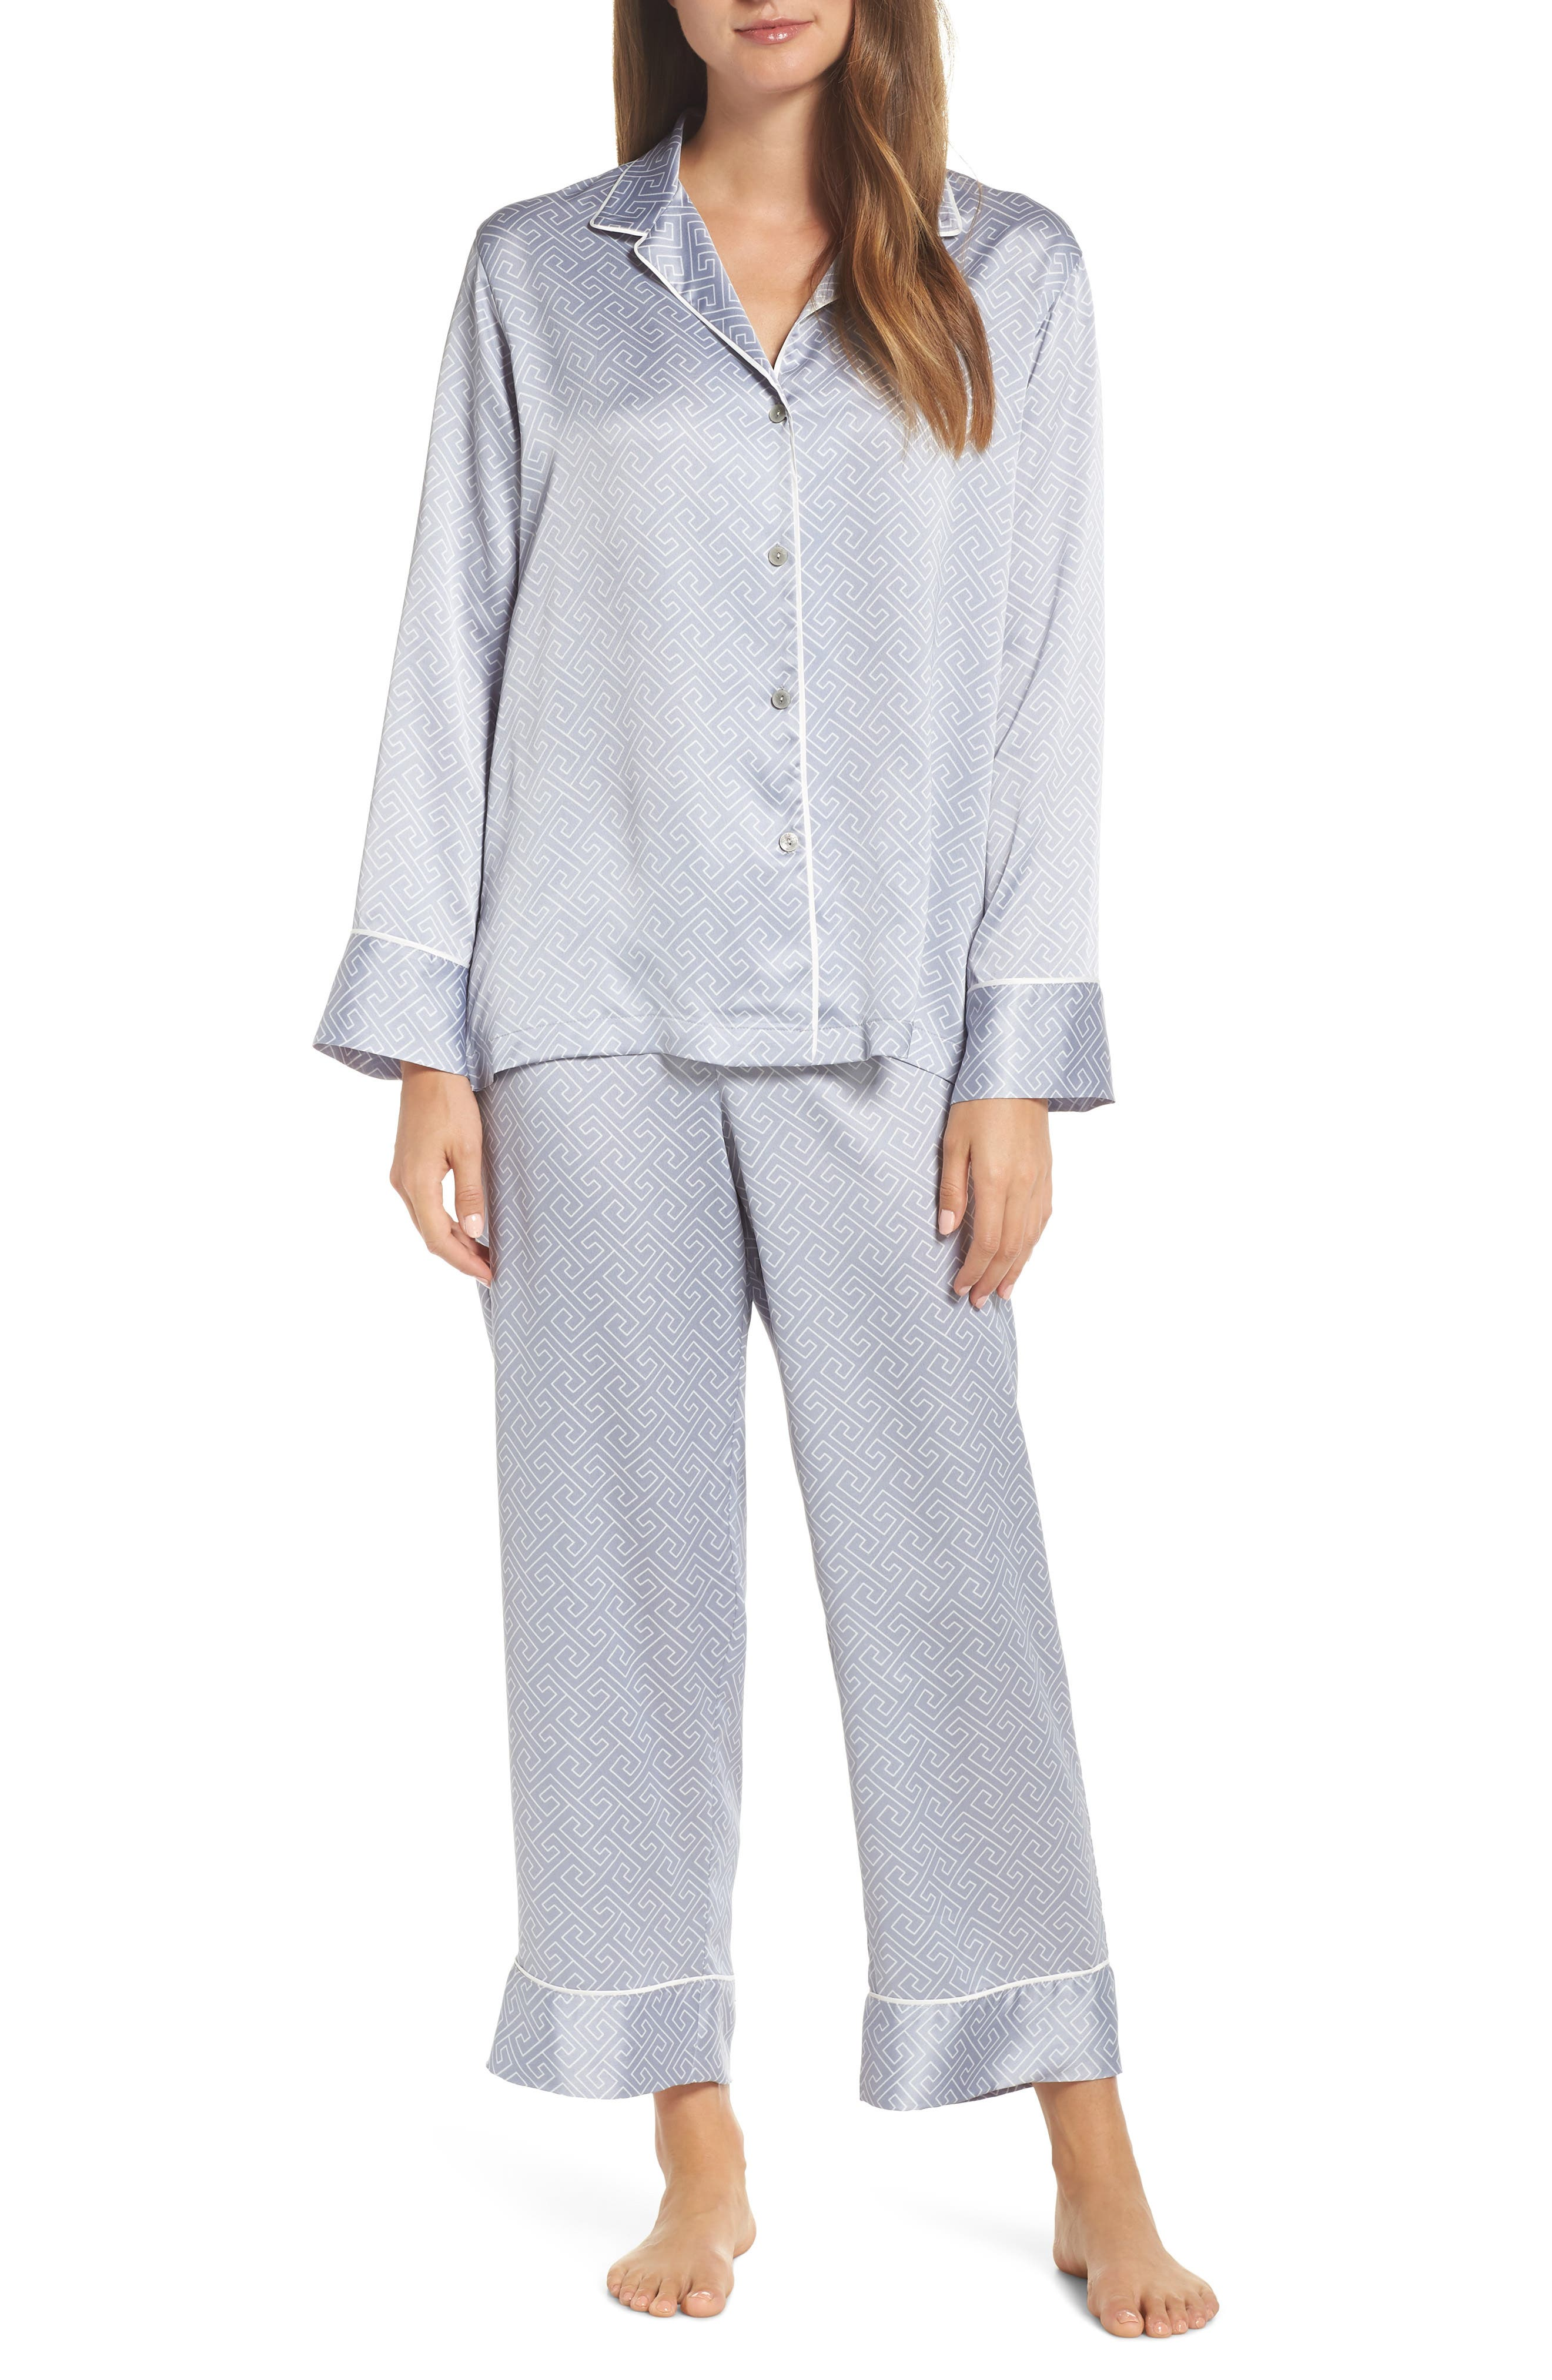 Labyrinth Satin Pajamas in Smoky Iris